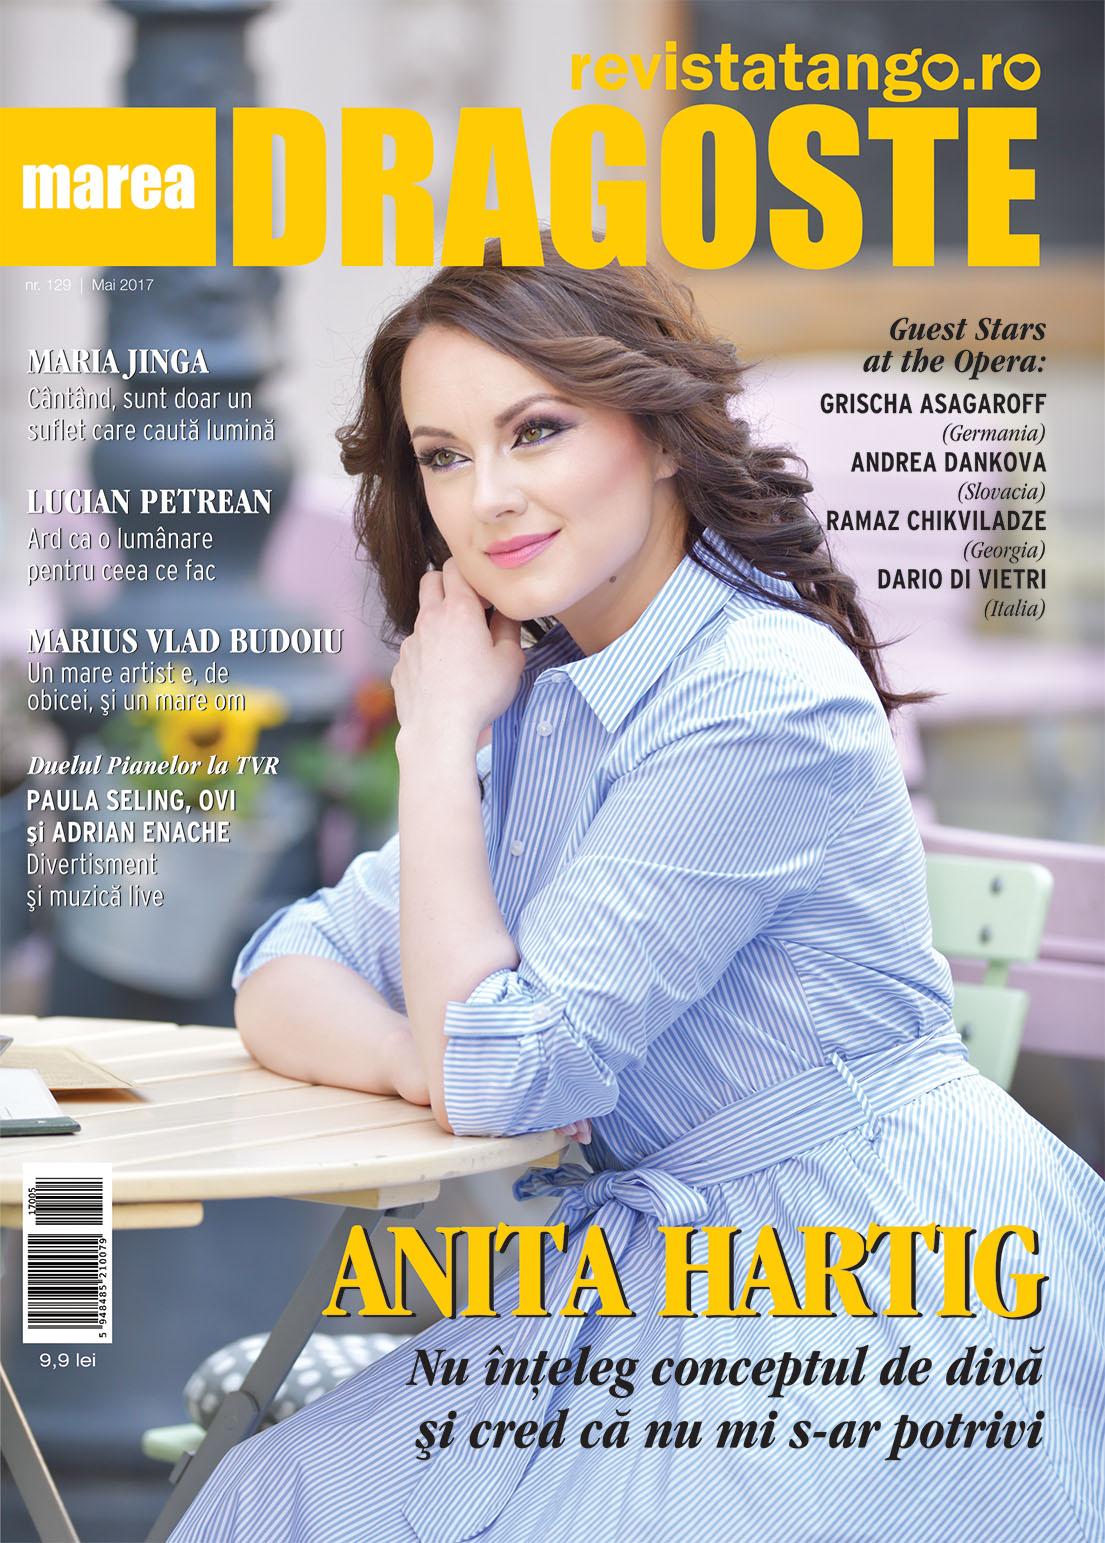 Anita Hartig pe coperta Marea Dragoste-revistatango.ro, nr. 129, mai 2017